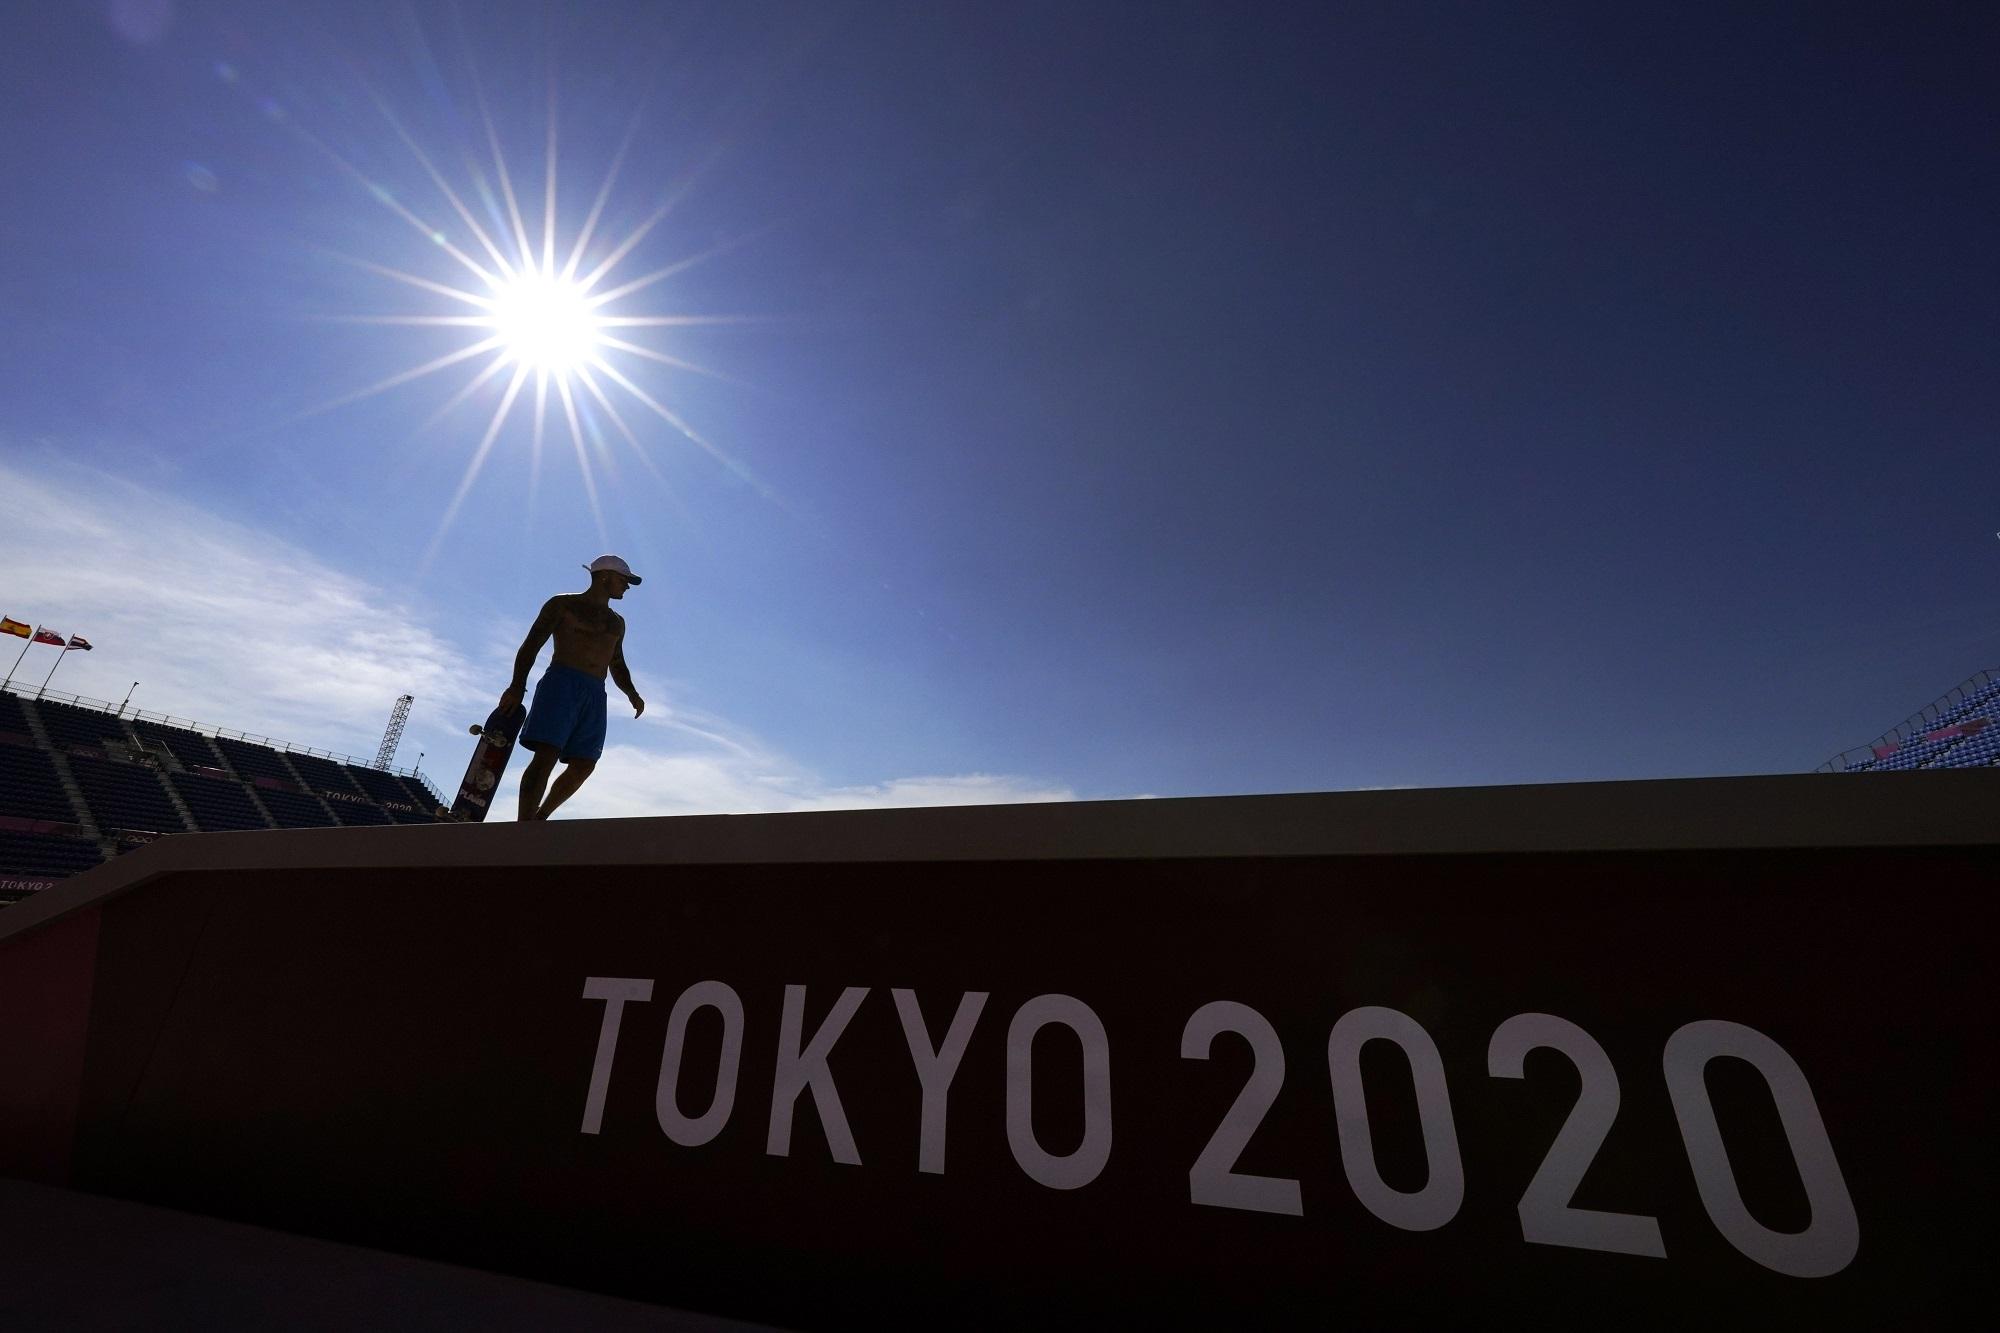 Η ΕΡΤ στους Ολυμπιακούς Αγώνες – Όλα τα αγωνίσματα μέσα από τη δημόσια τηλεόραση (video)